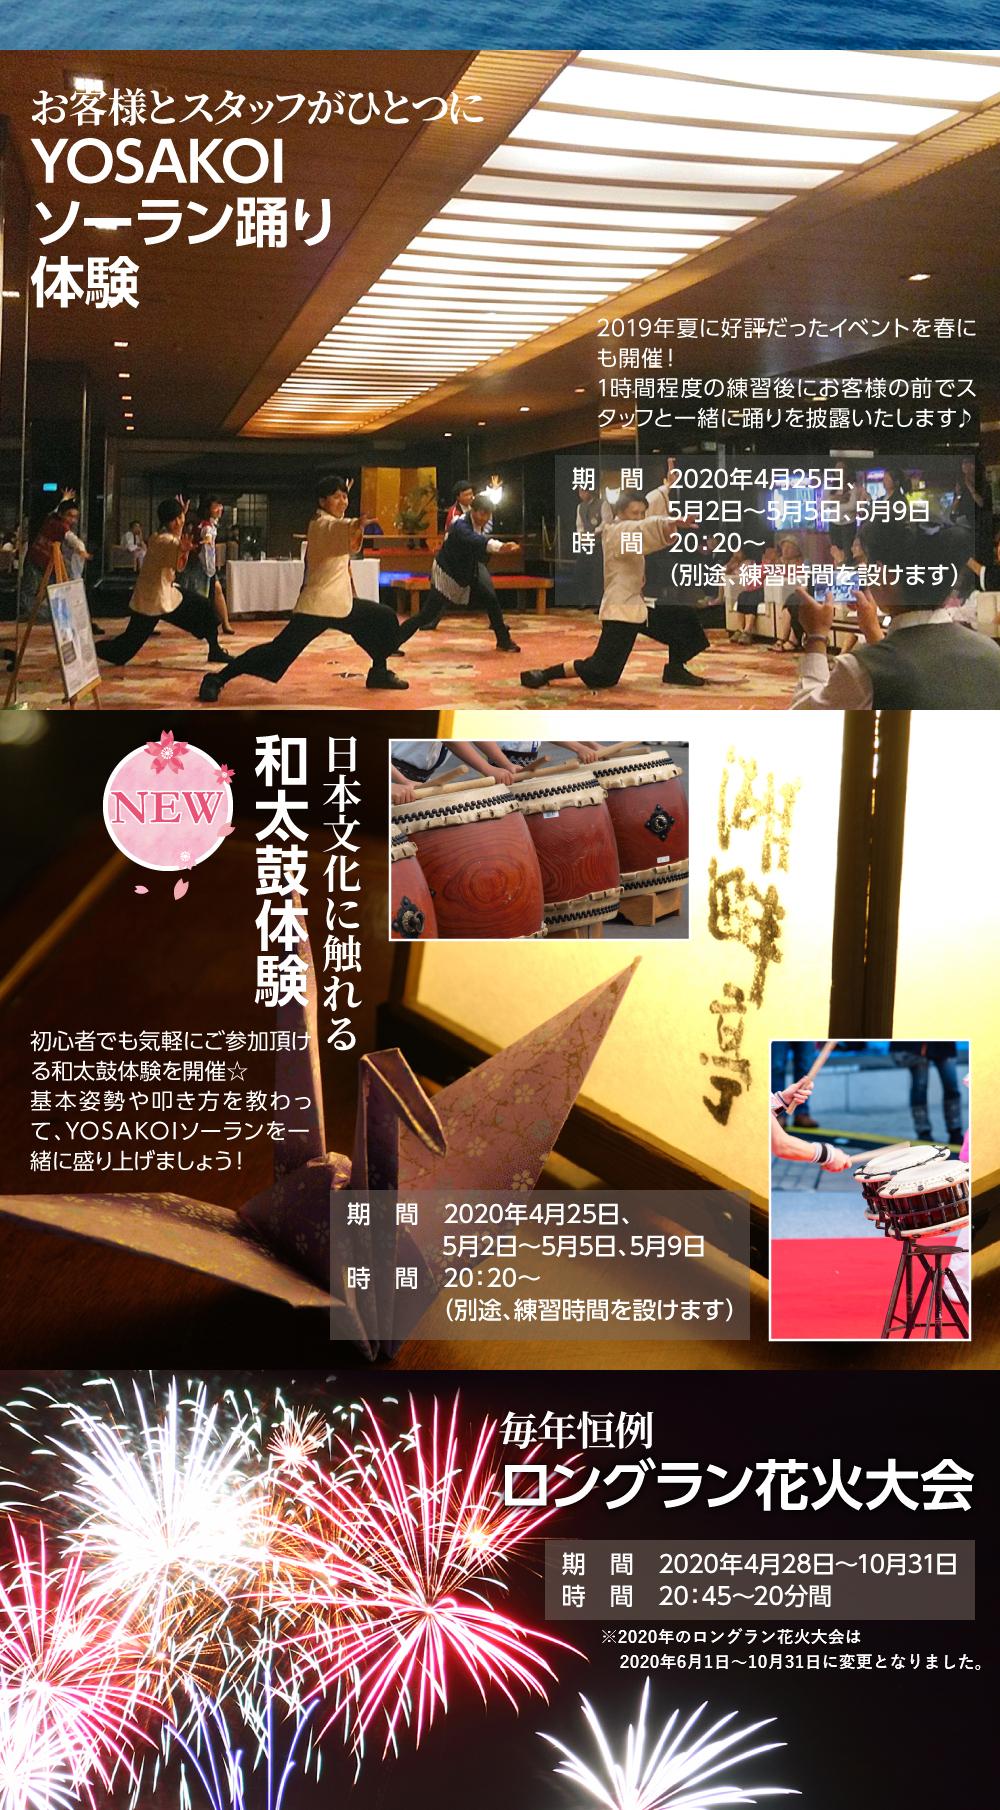 YOSAKOIソーラン踊り 和太鼓体験 ロングラン花火大会